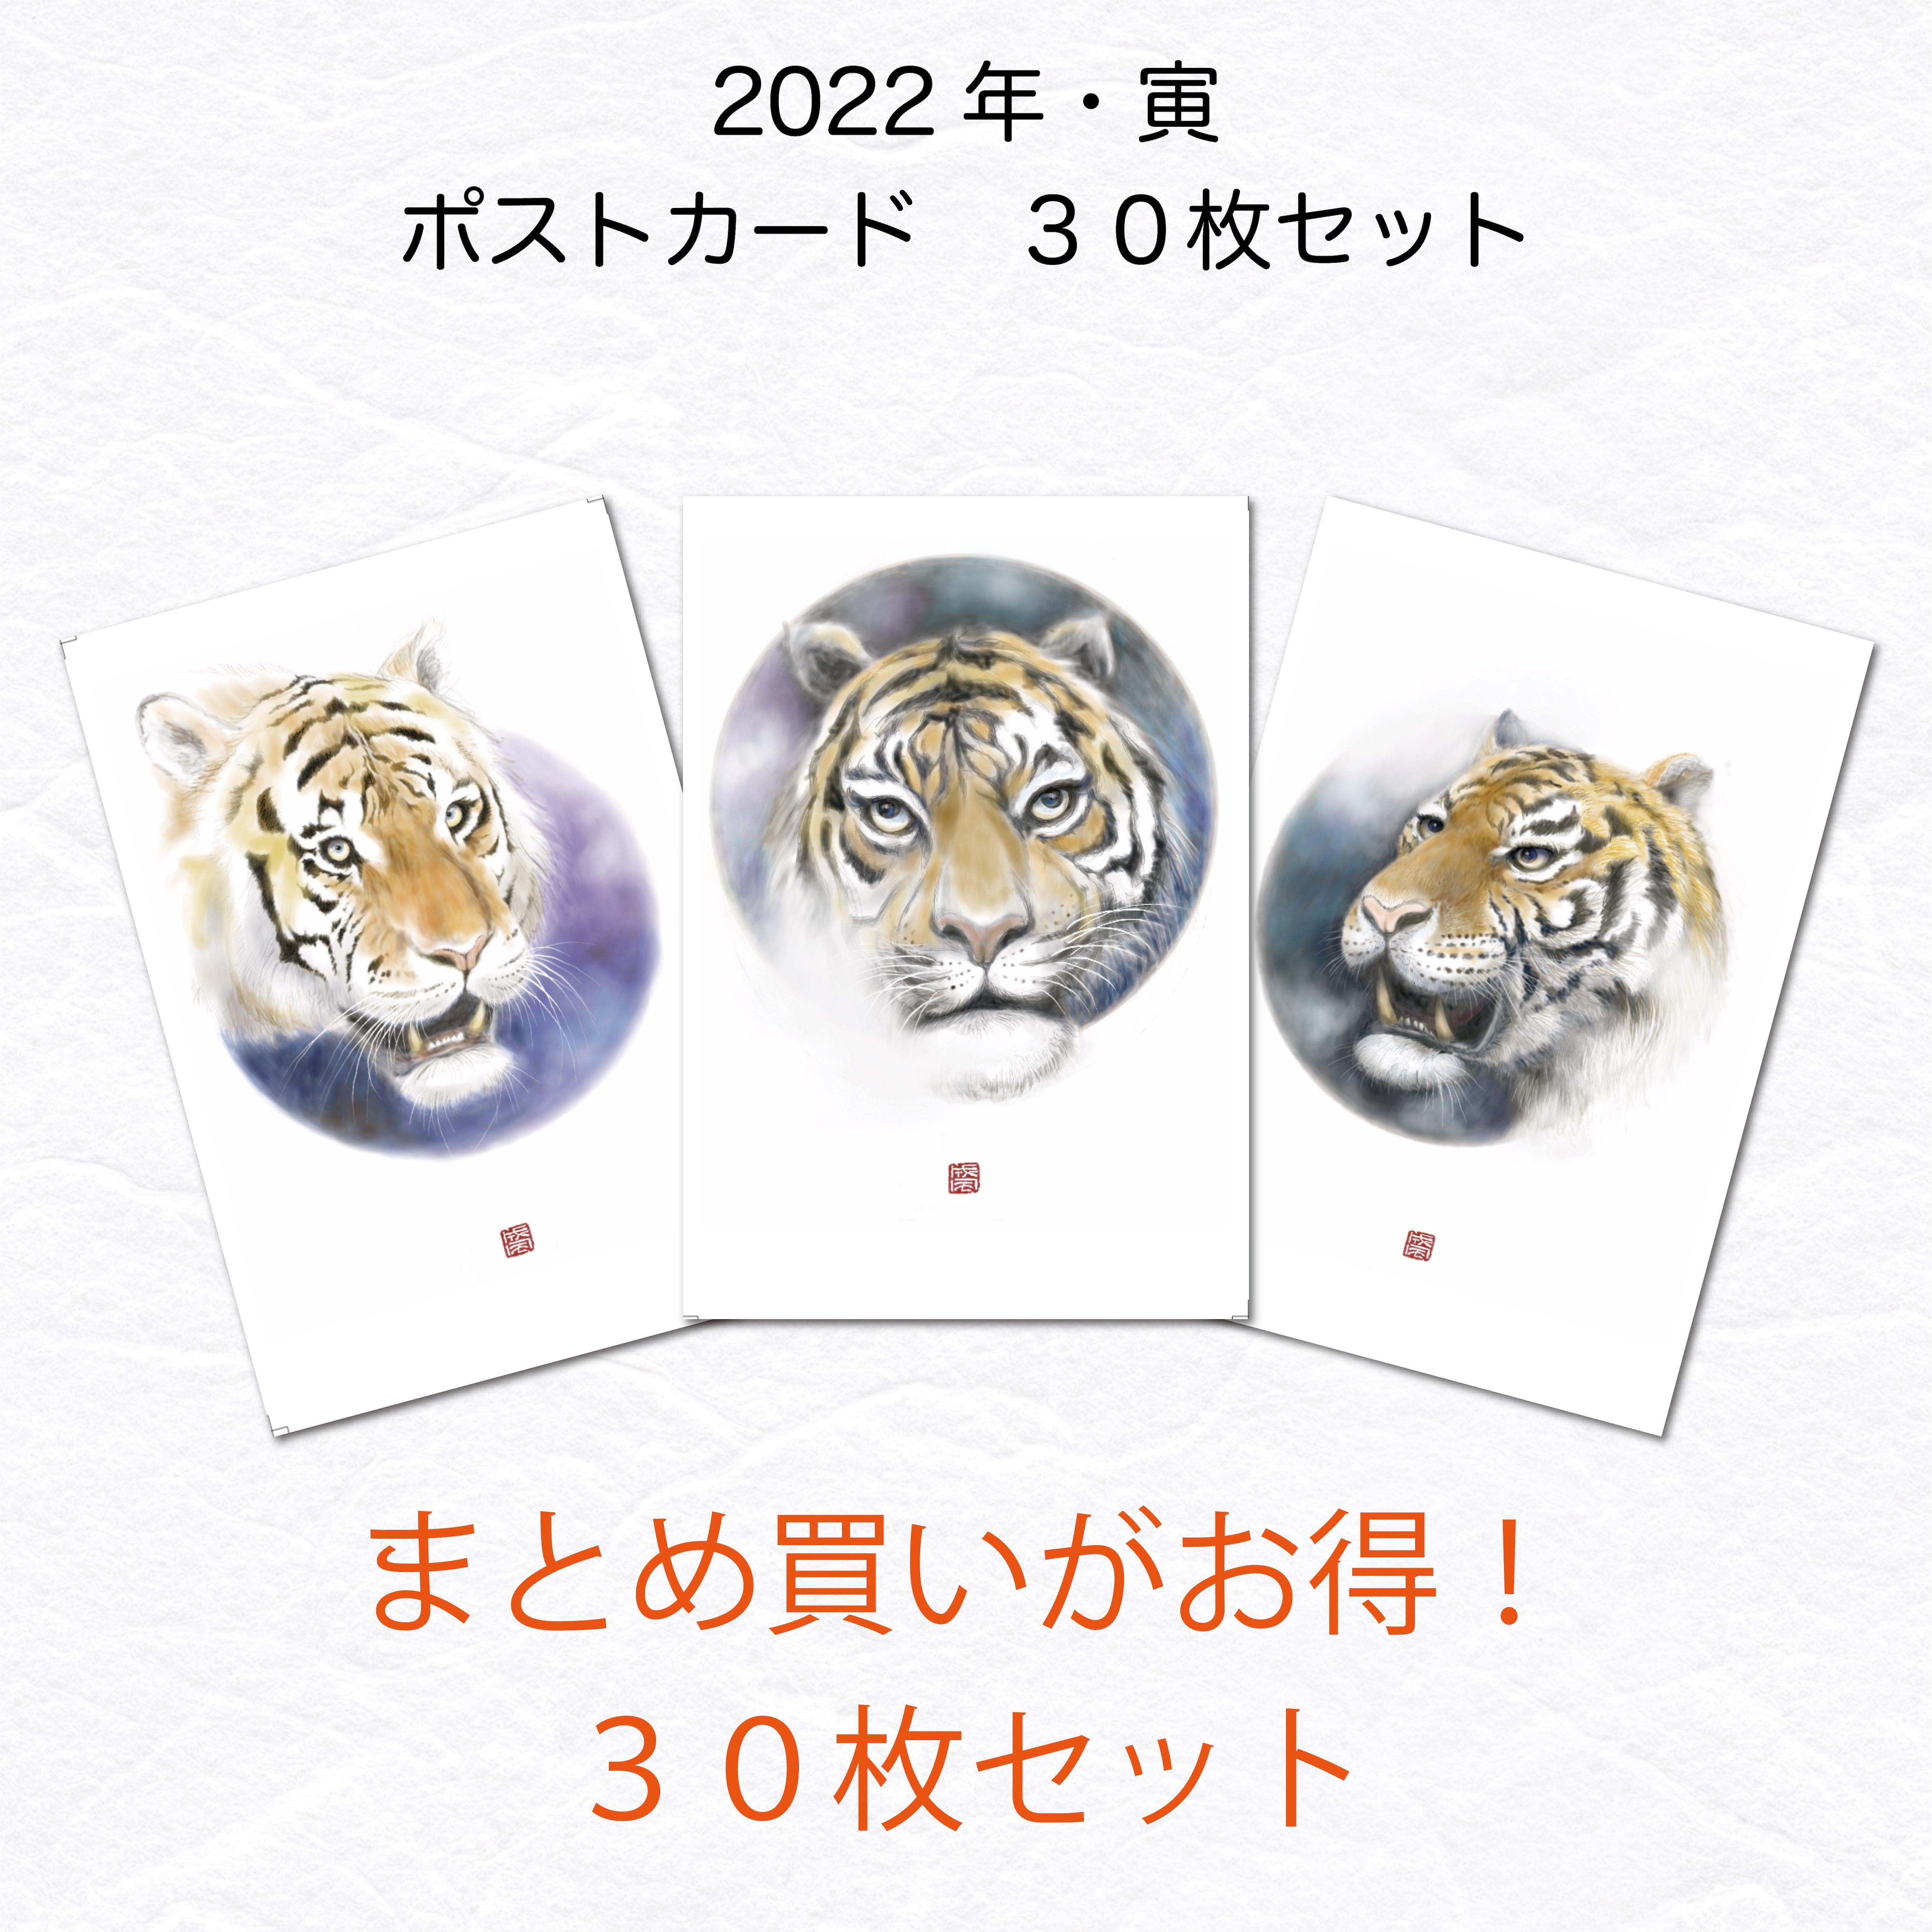 【お得な30枚まとめ買いセット】2022年 ポストカード・年賀状 寅